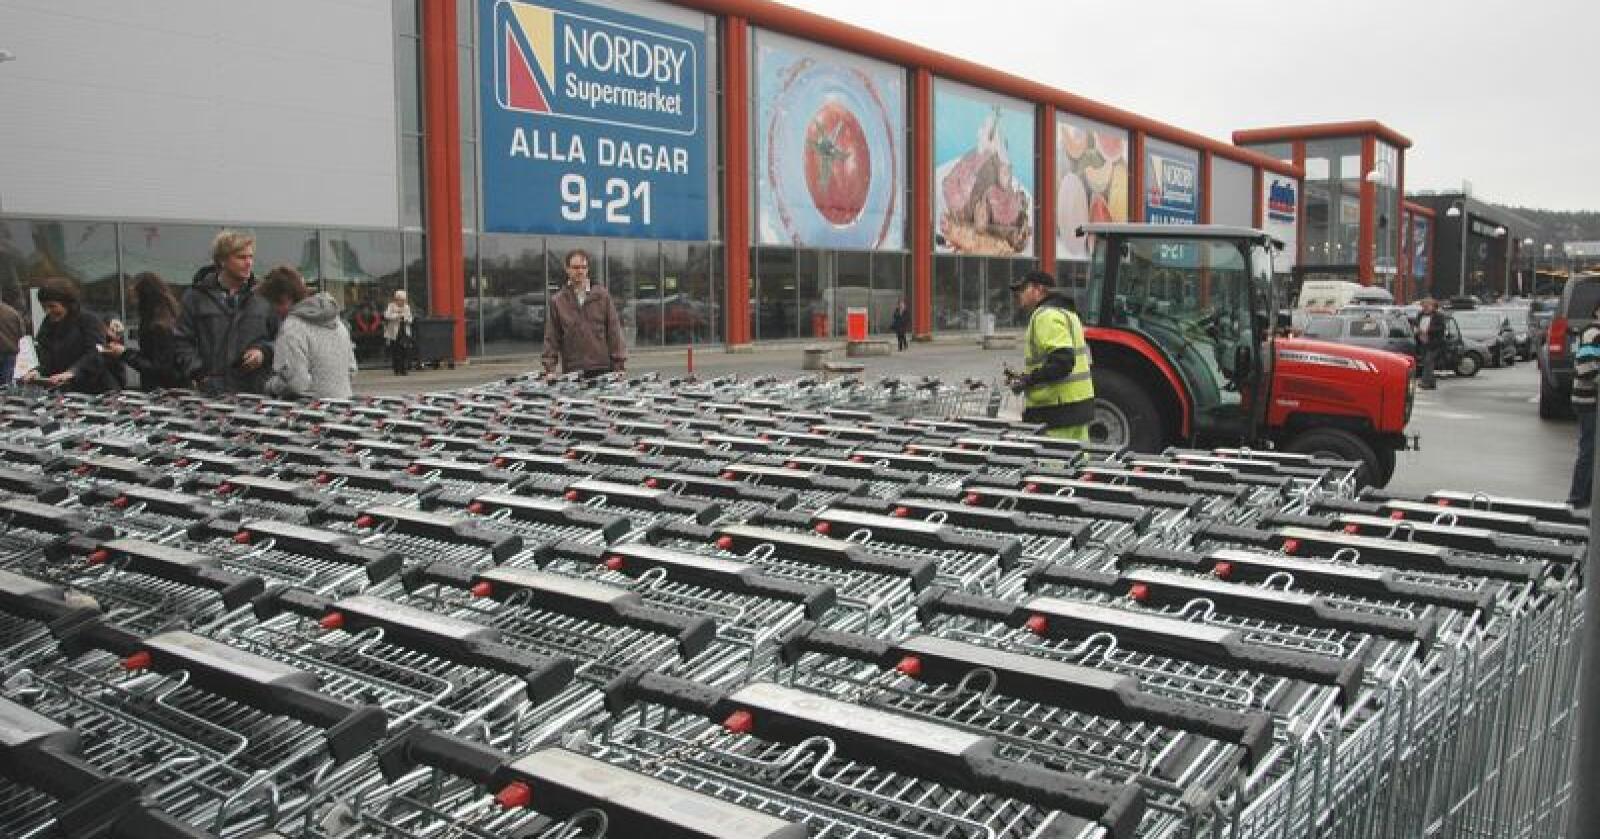 Scan er en av Nord-Europas største næringsmiddelbedrifter innenfor kjøtt, kjøttvarer og ferdigmat. Produktene er tilbakekalt fra butikkene, men noen pølsepakker er allerede solgt. (Illustrasjonsfoto)